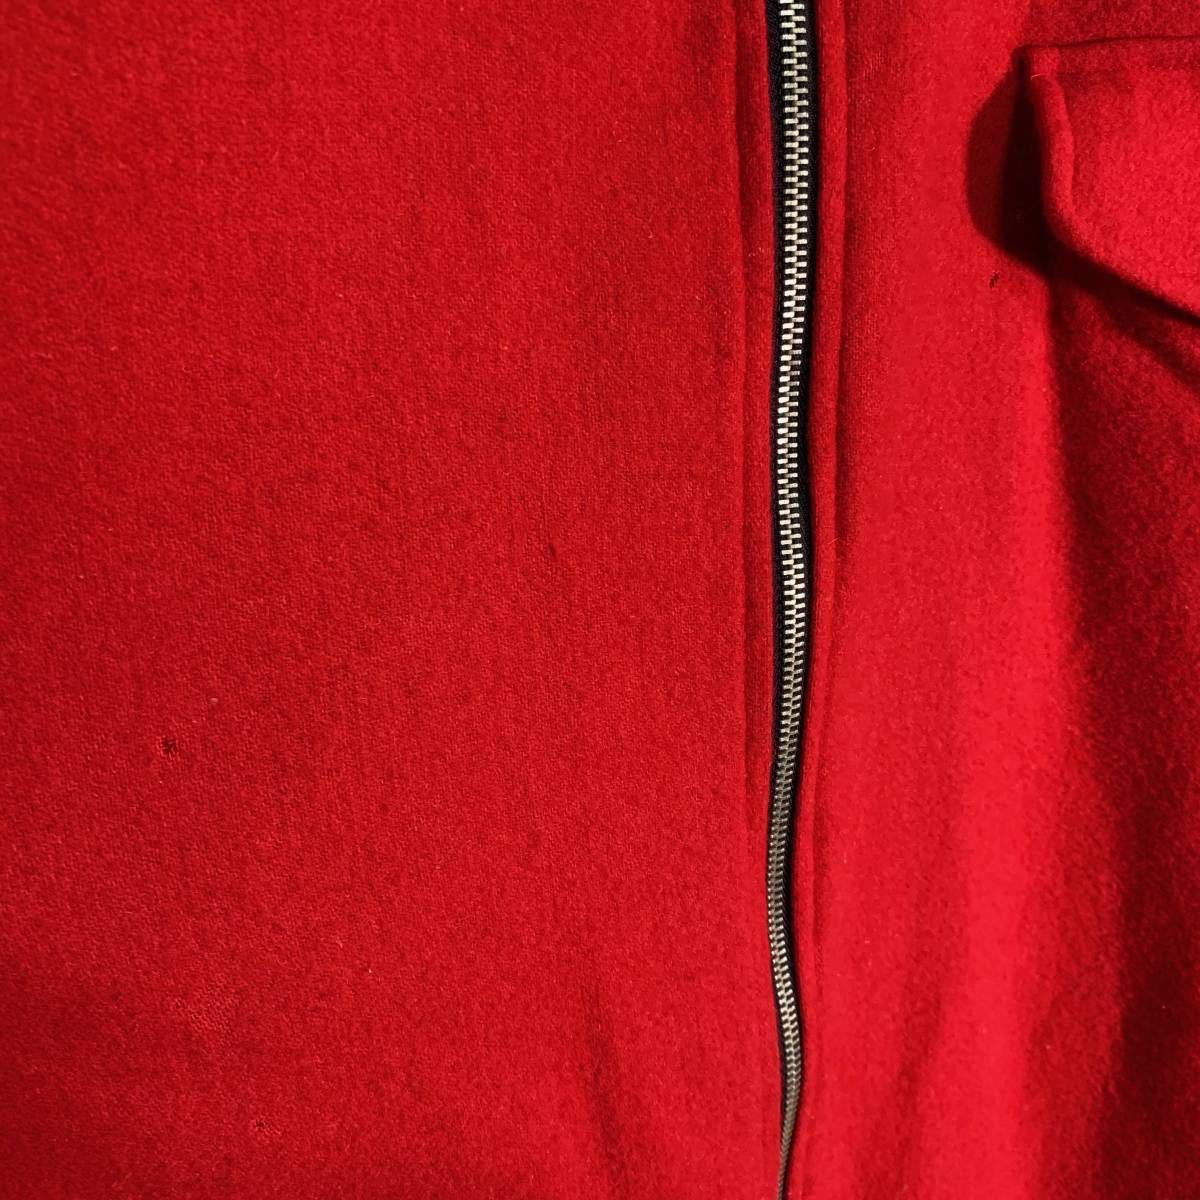 【送料込】90s Marlboro リバーシブル ウール ジャケット XL 黒×赤 ビッグシルエット ジップ マルボロ 80s ビンテージ 古着 オールド_画像7